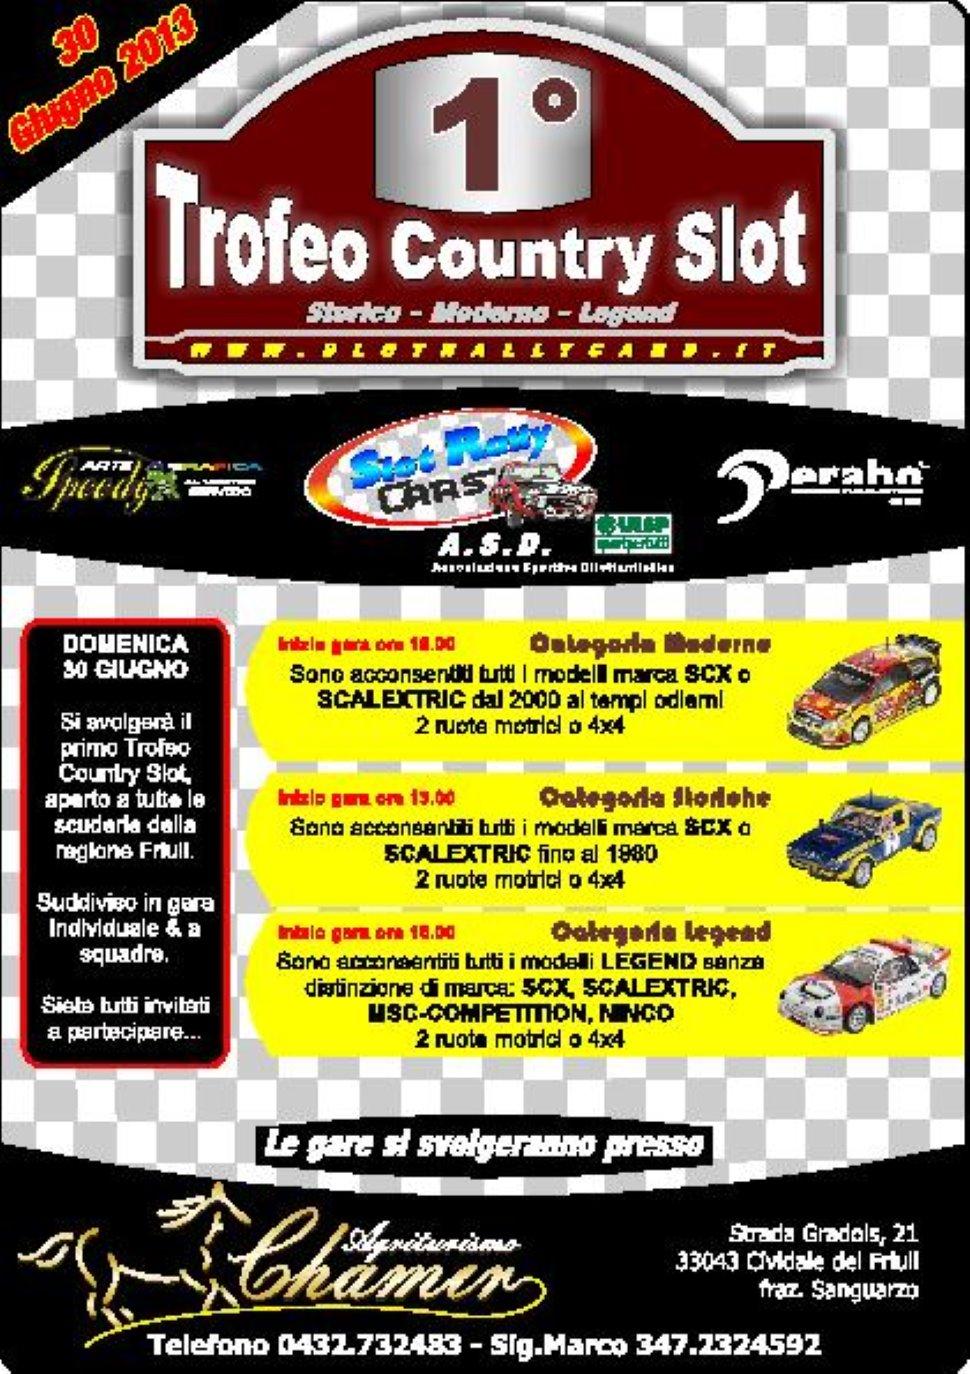 Trofeo Country-Slot 2013